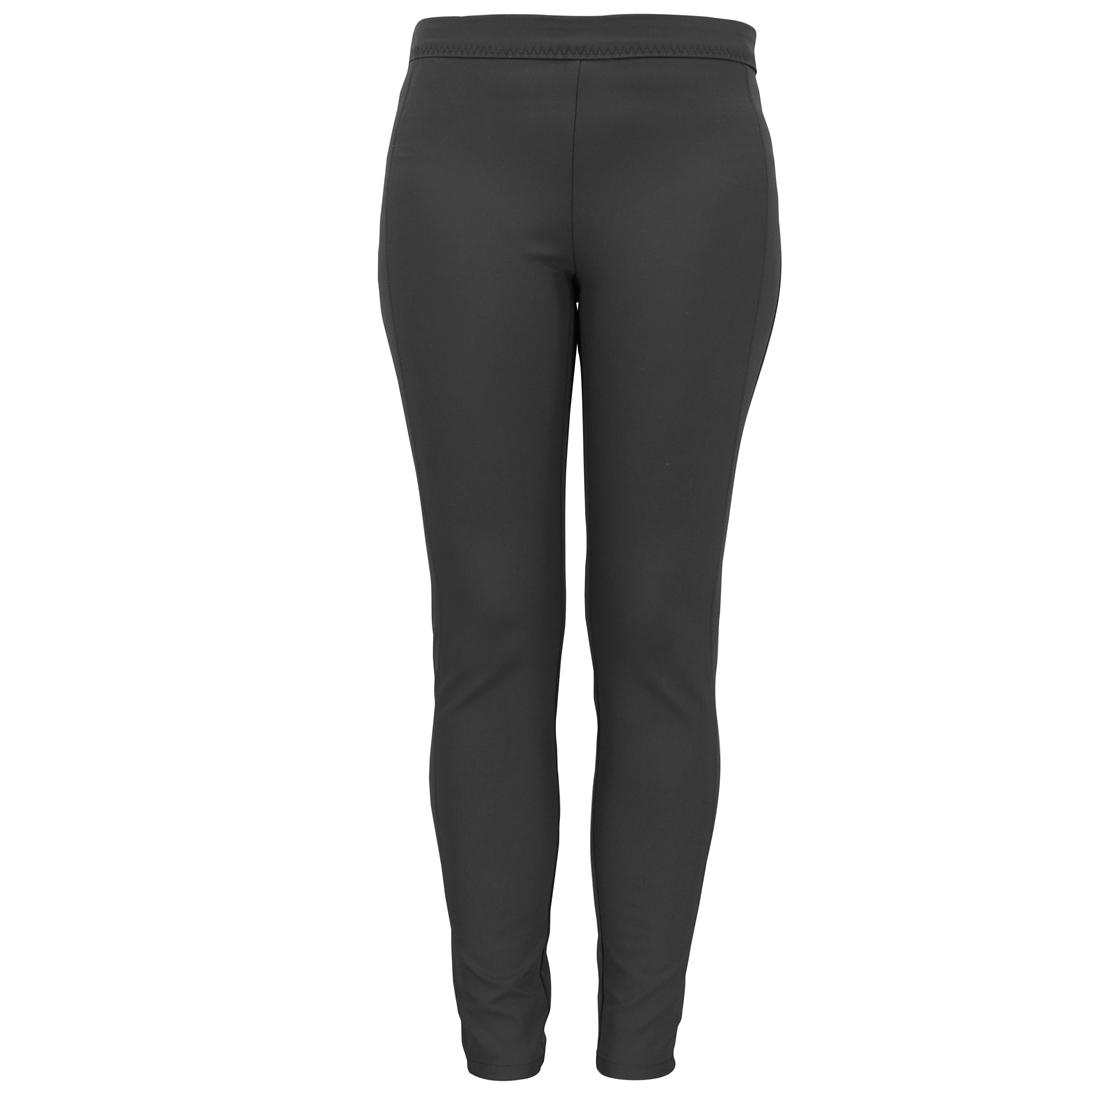 Image of Zerres broek Leggy 8009-980-leggy in het Zwart